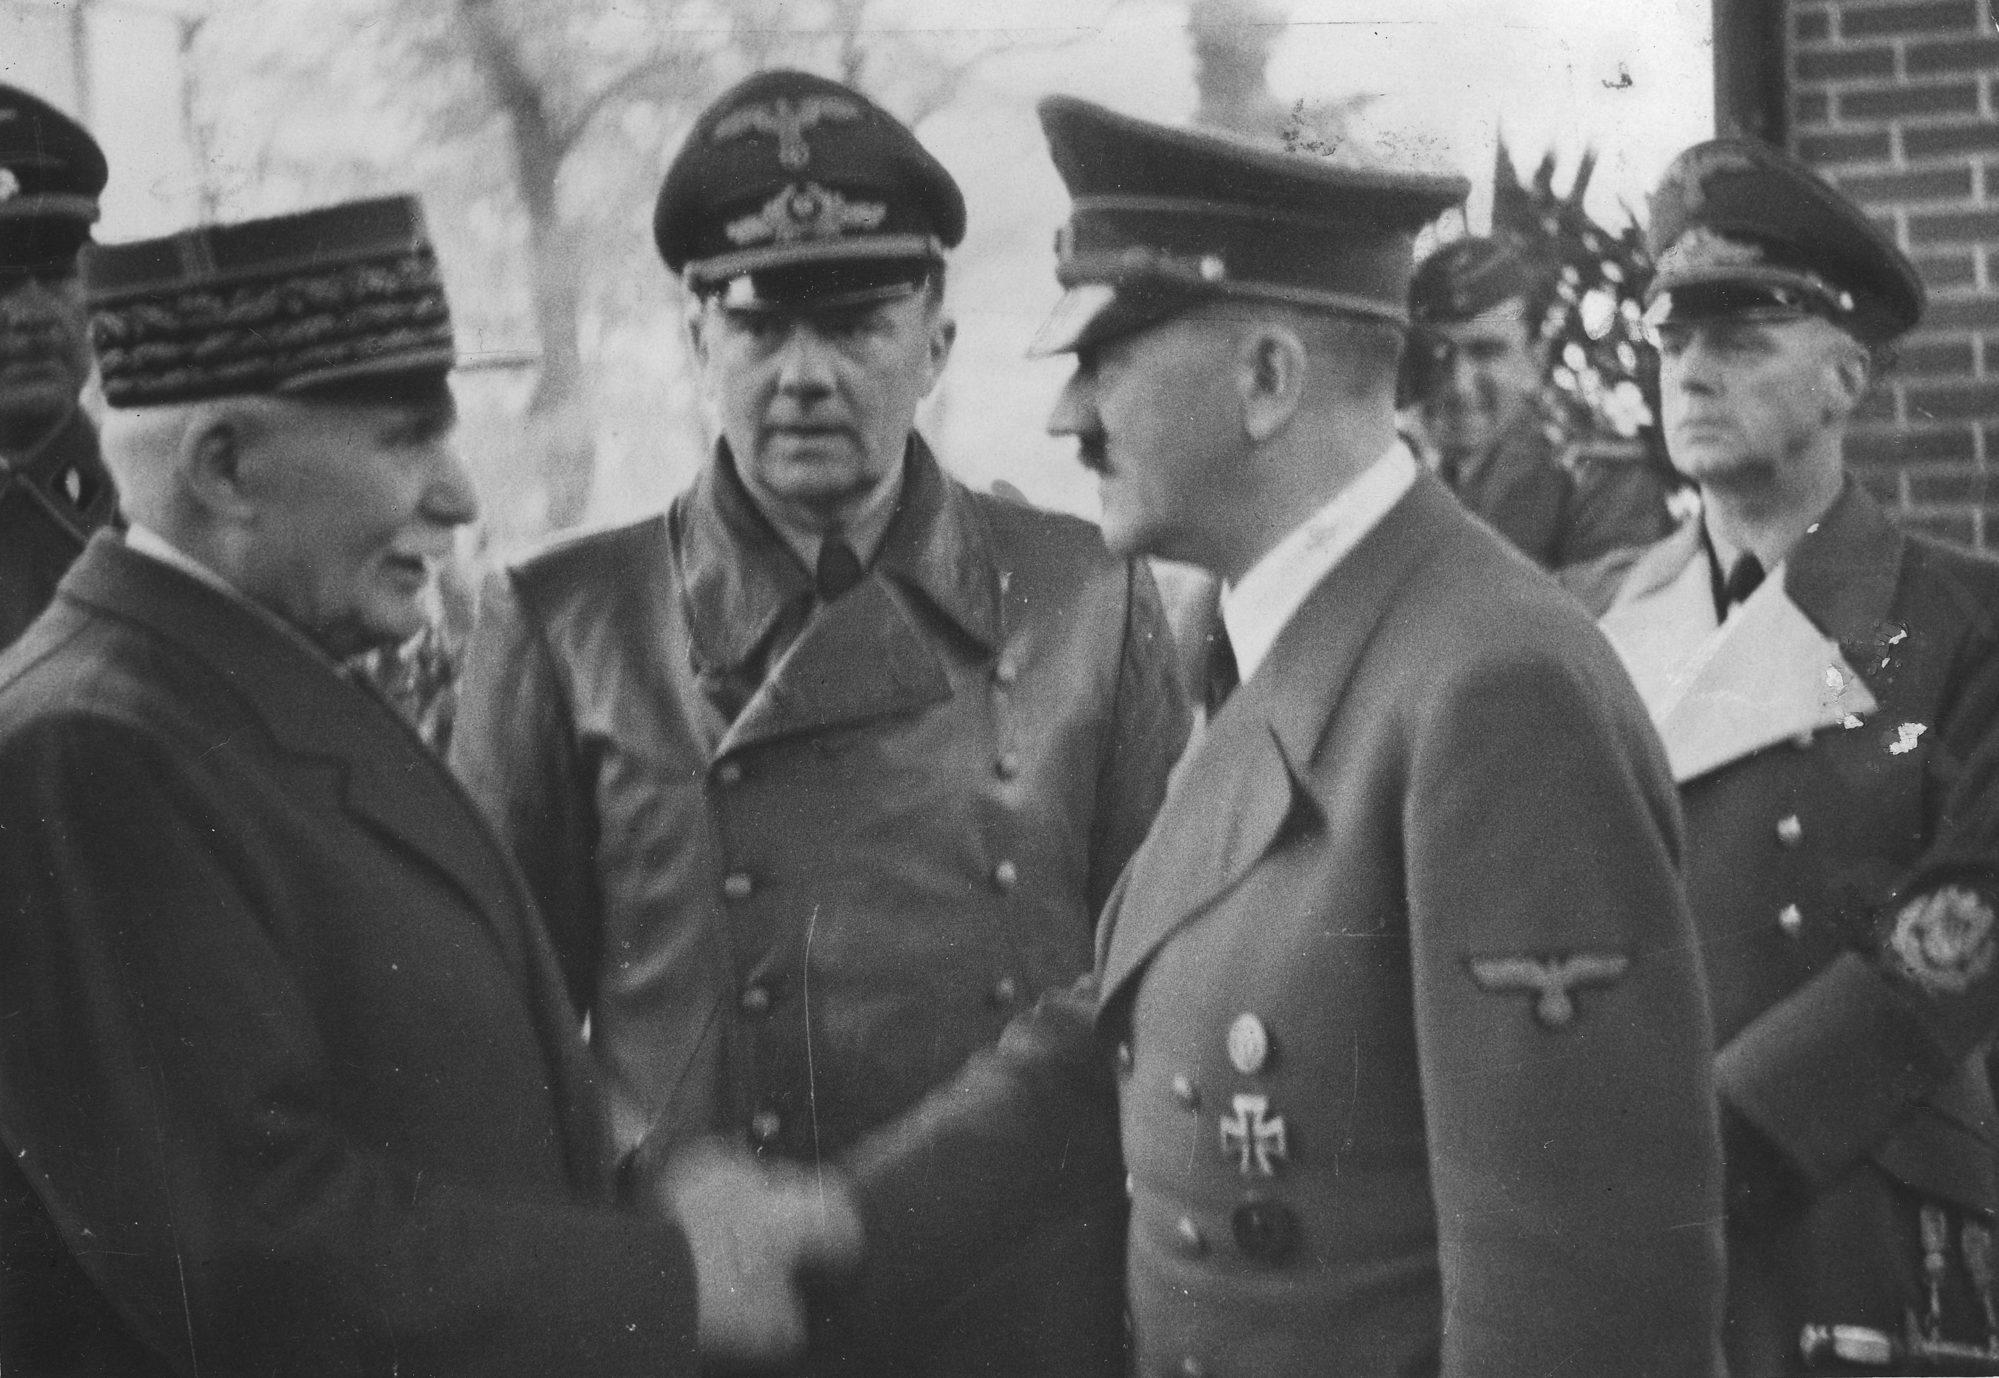 Rencontre entre Hitler et Pétain en 1940